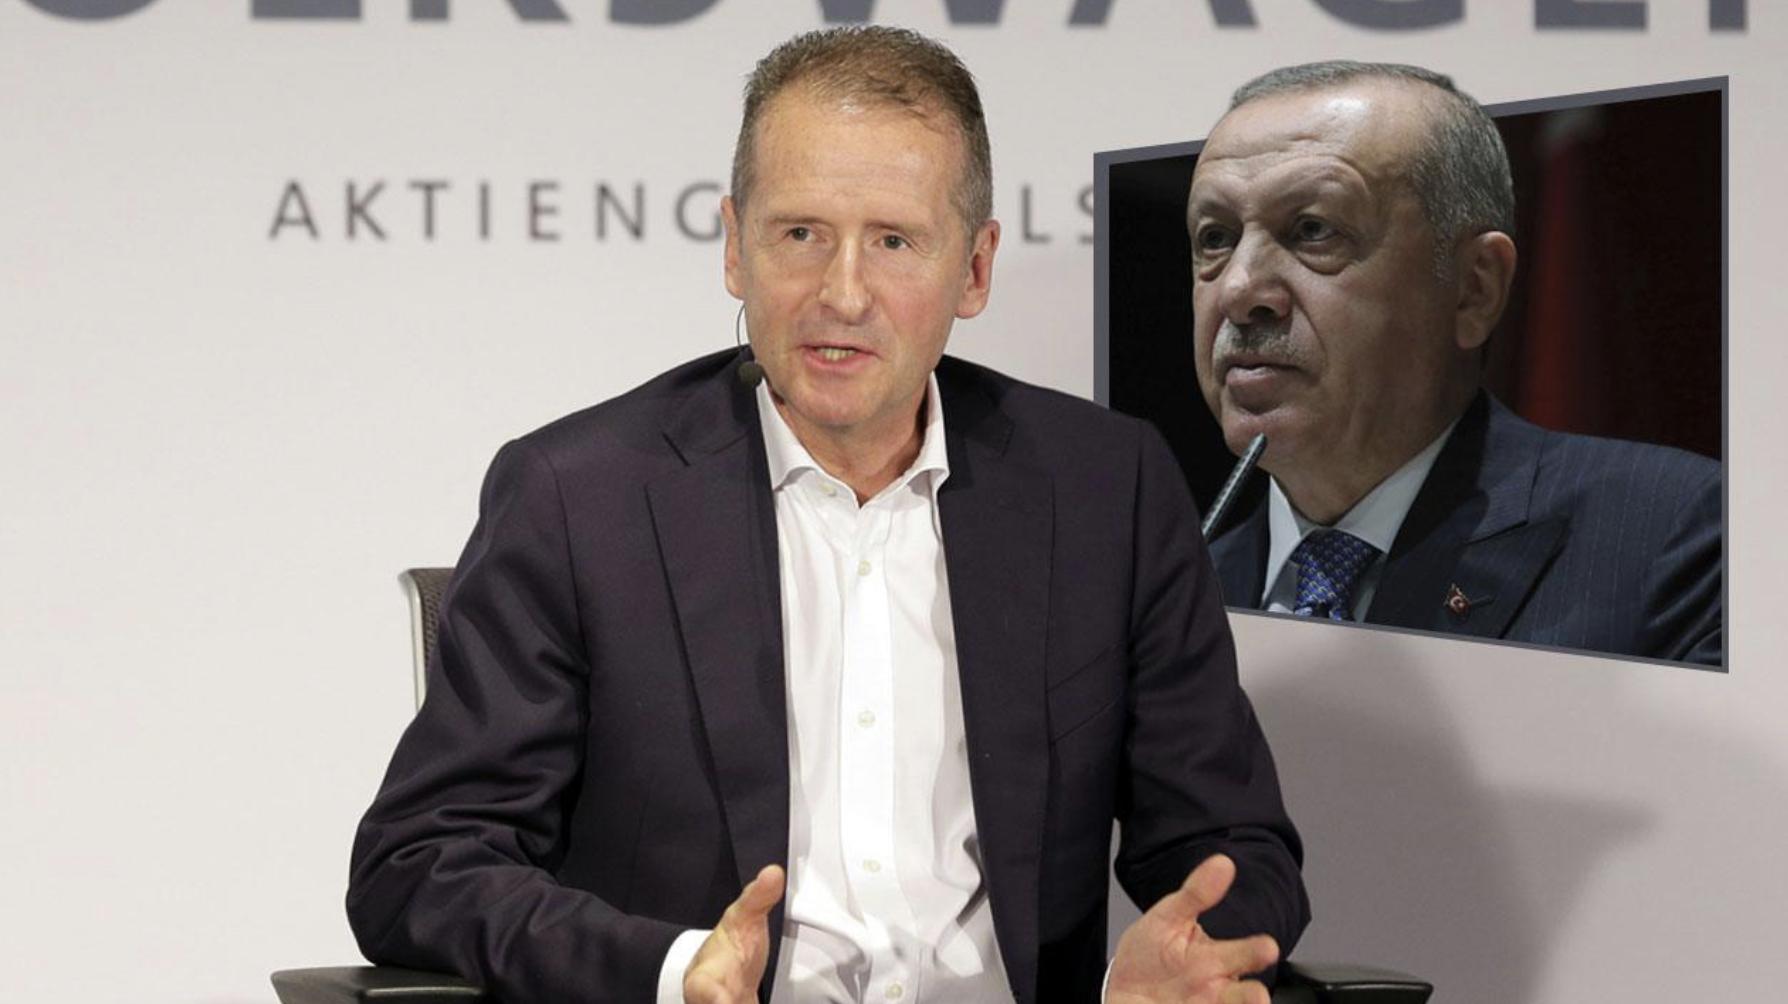 Photo of صحيفة بيلد : شركة VW تتعامل مع أردوغانالذي يسجن الألمان